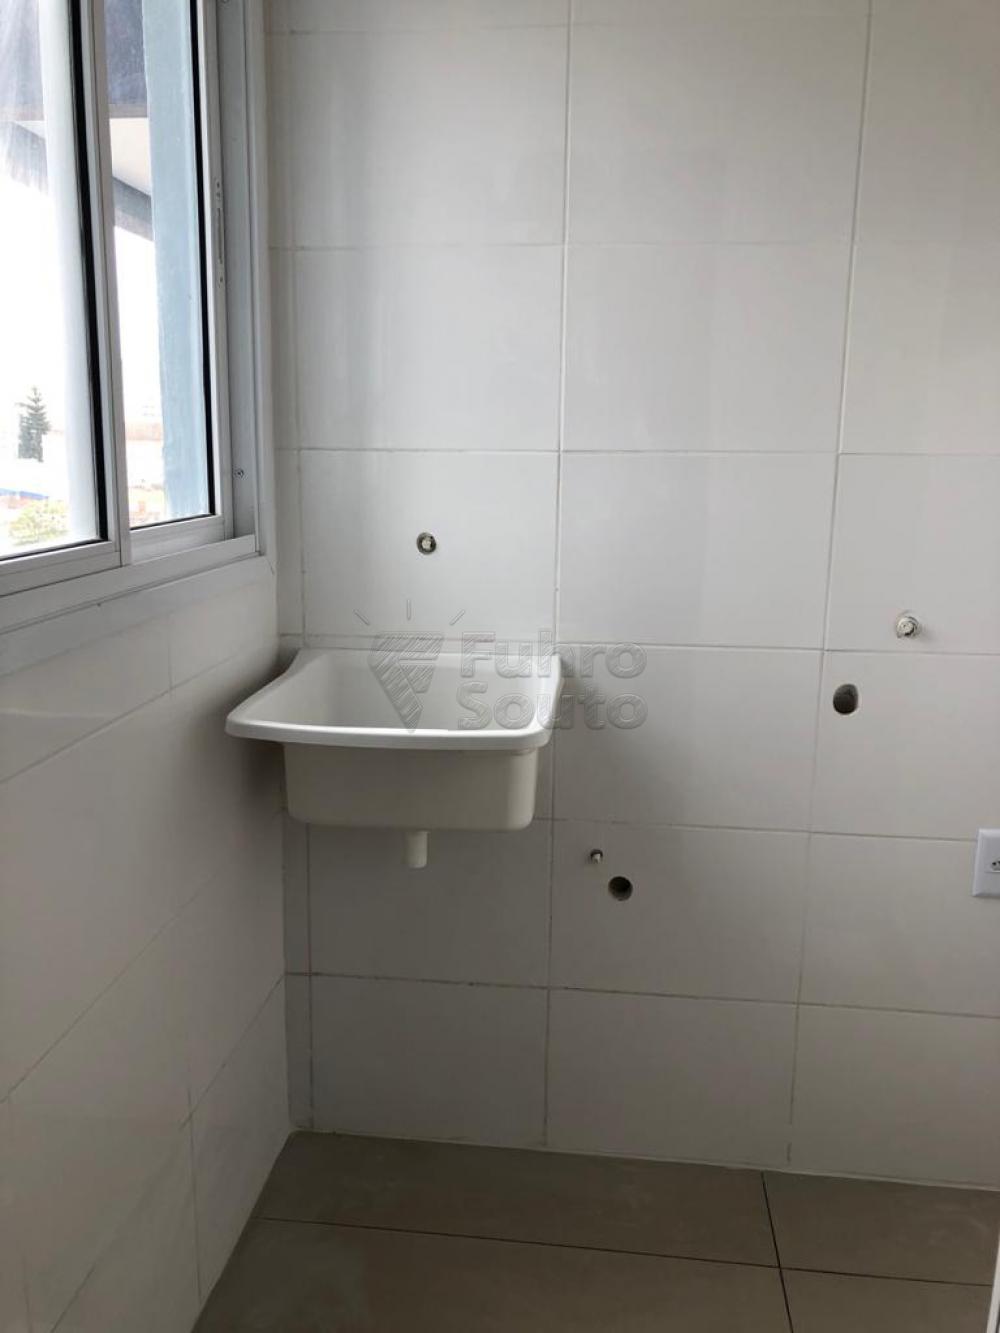 Comprar Apartamento / Loft / Studio em Pelotas R$ 185.500,00 - Foto 9